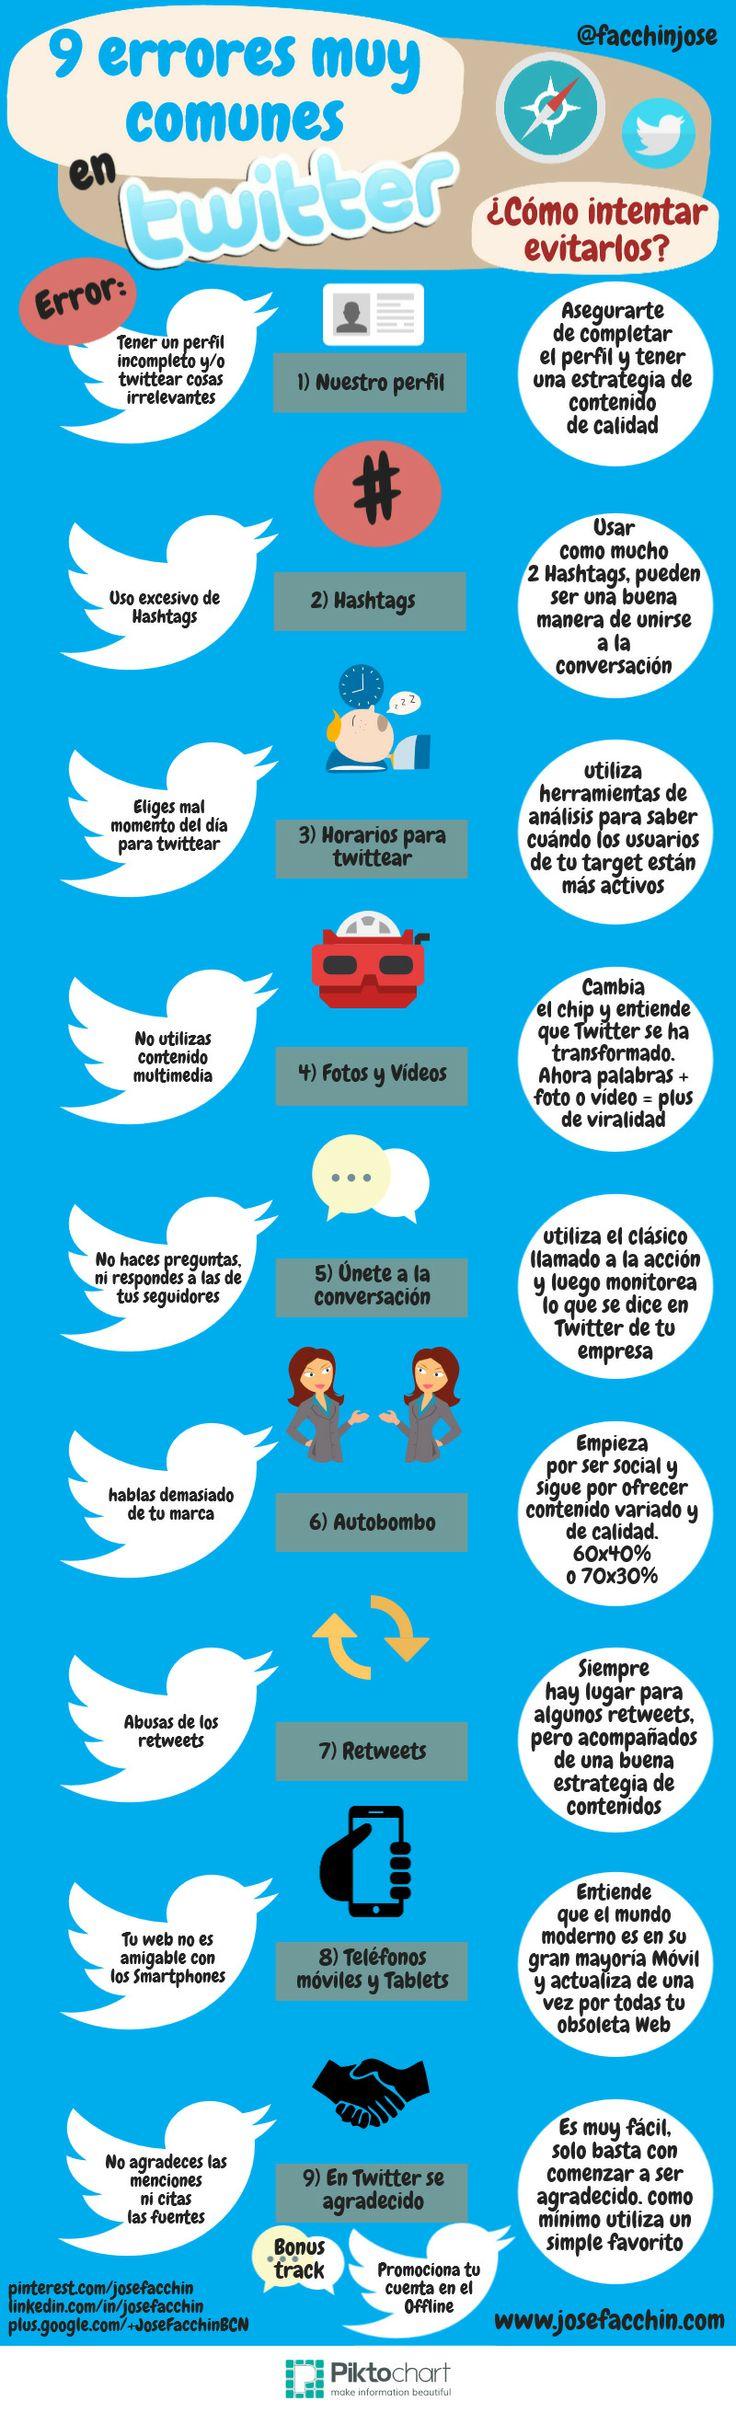 9-errores-comnunes-en-twitter